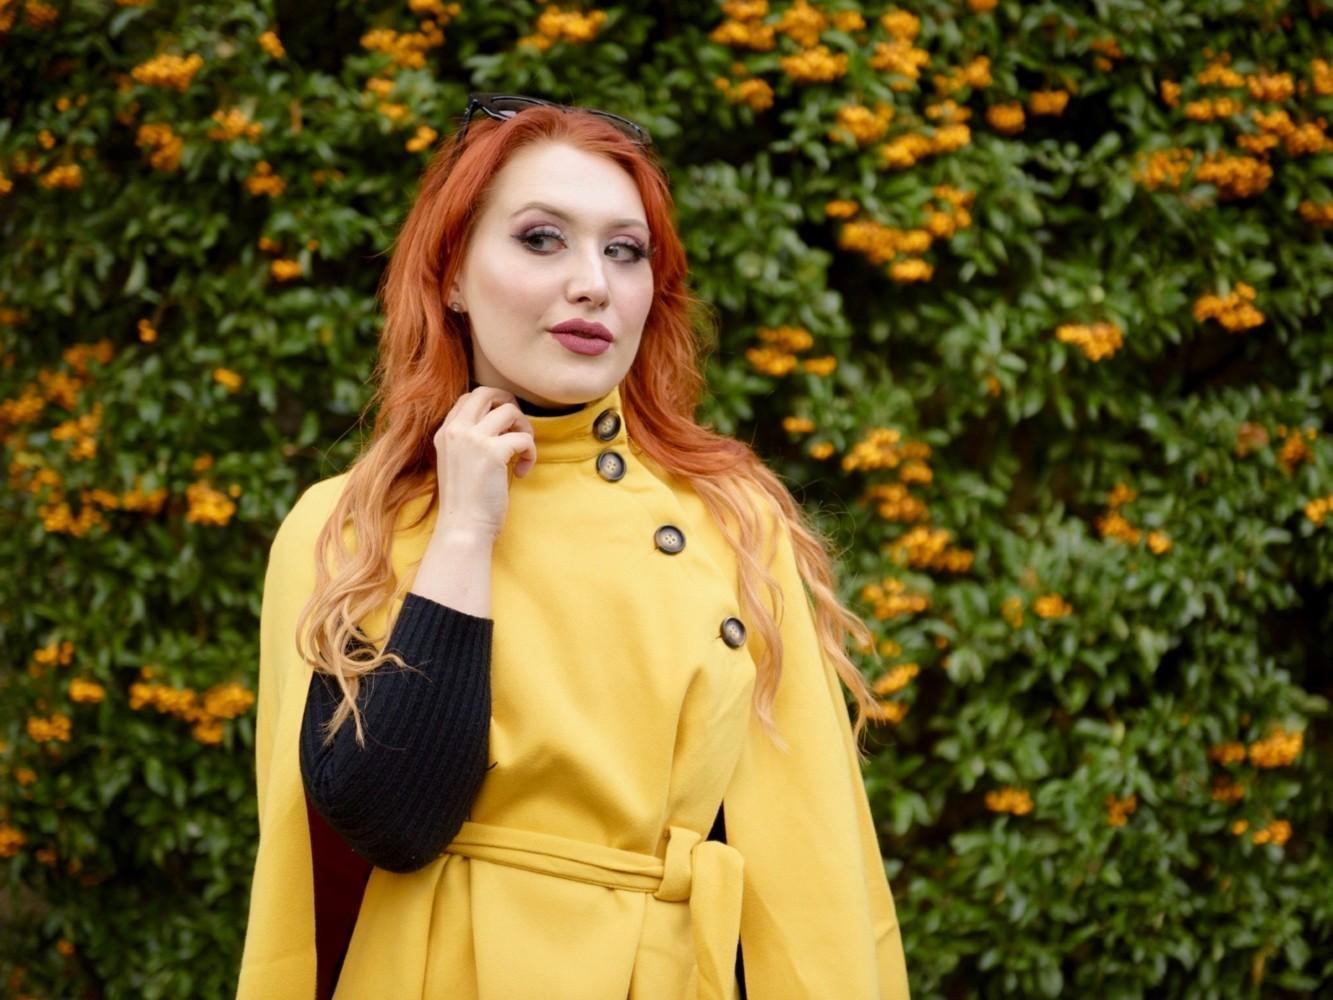 Blogger Twenty-Something City cape coat heritage autumn fashion